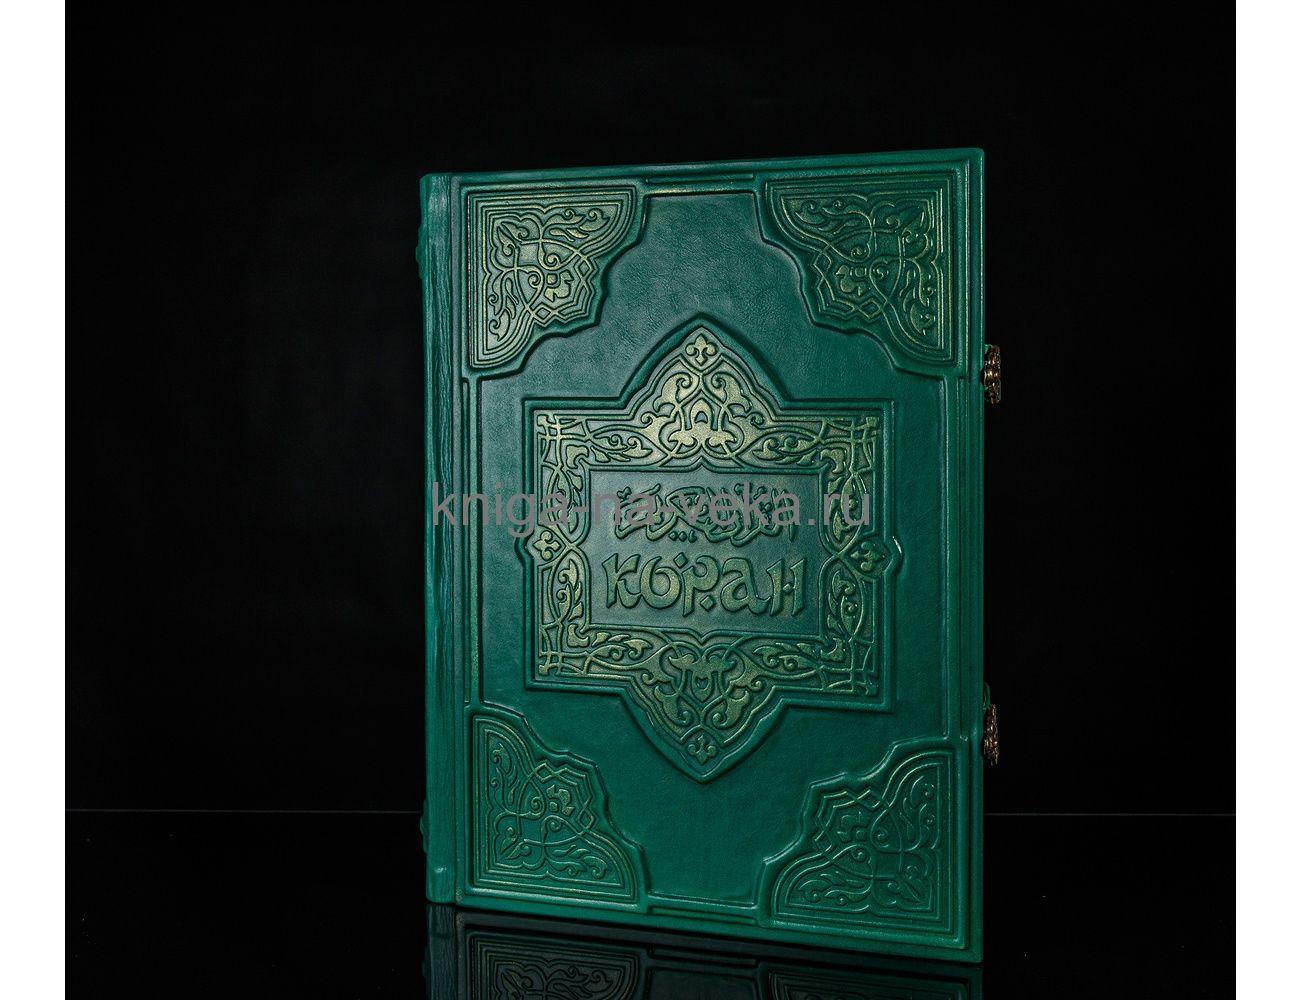 Книга «Коран» в кожаном переплёте с замками